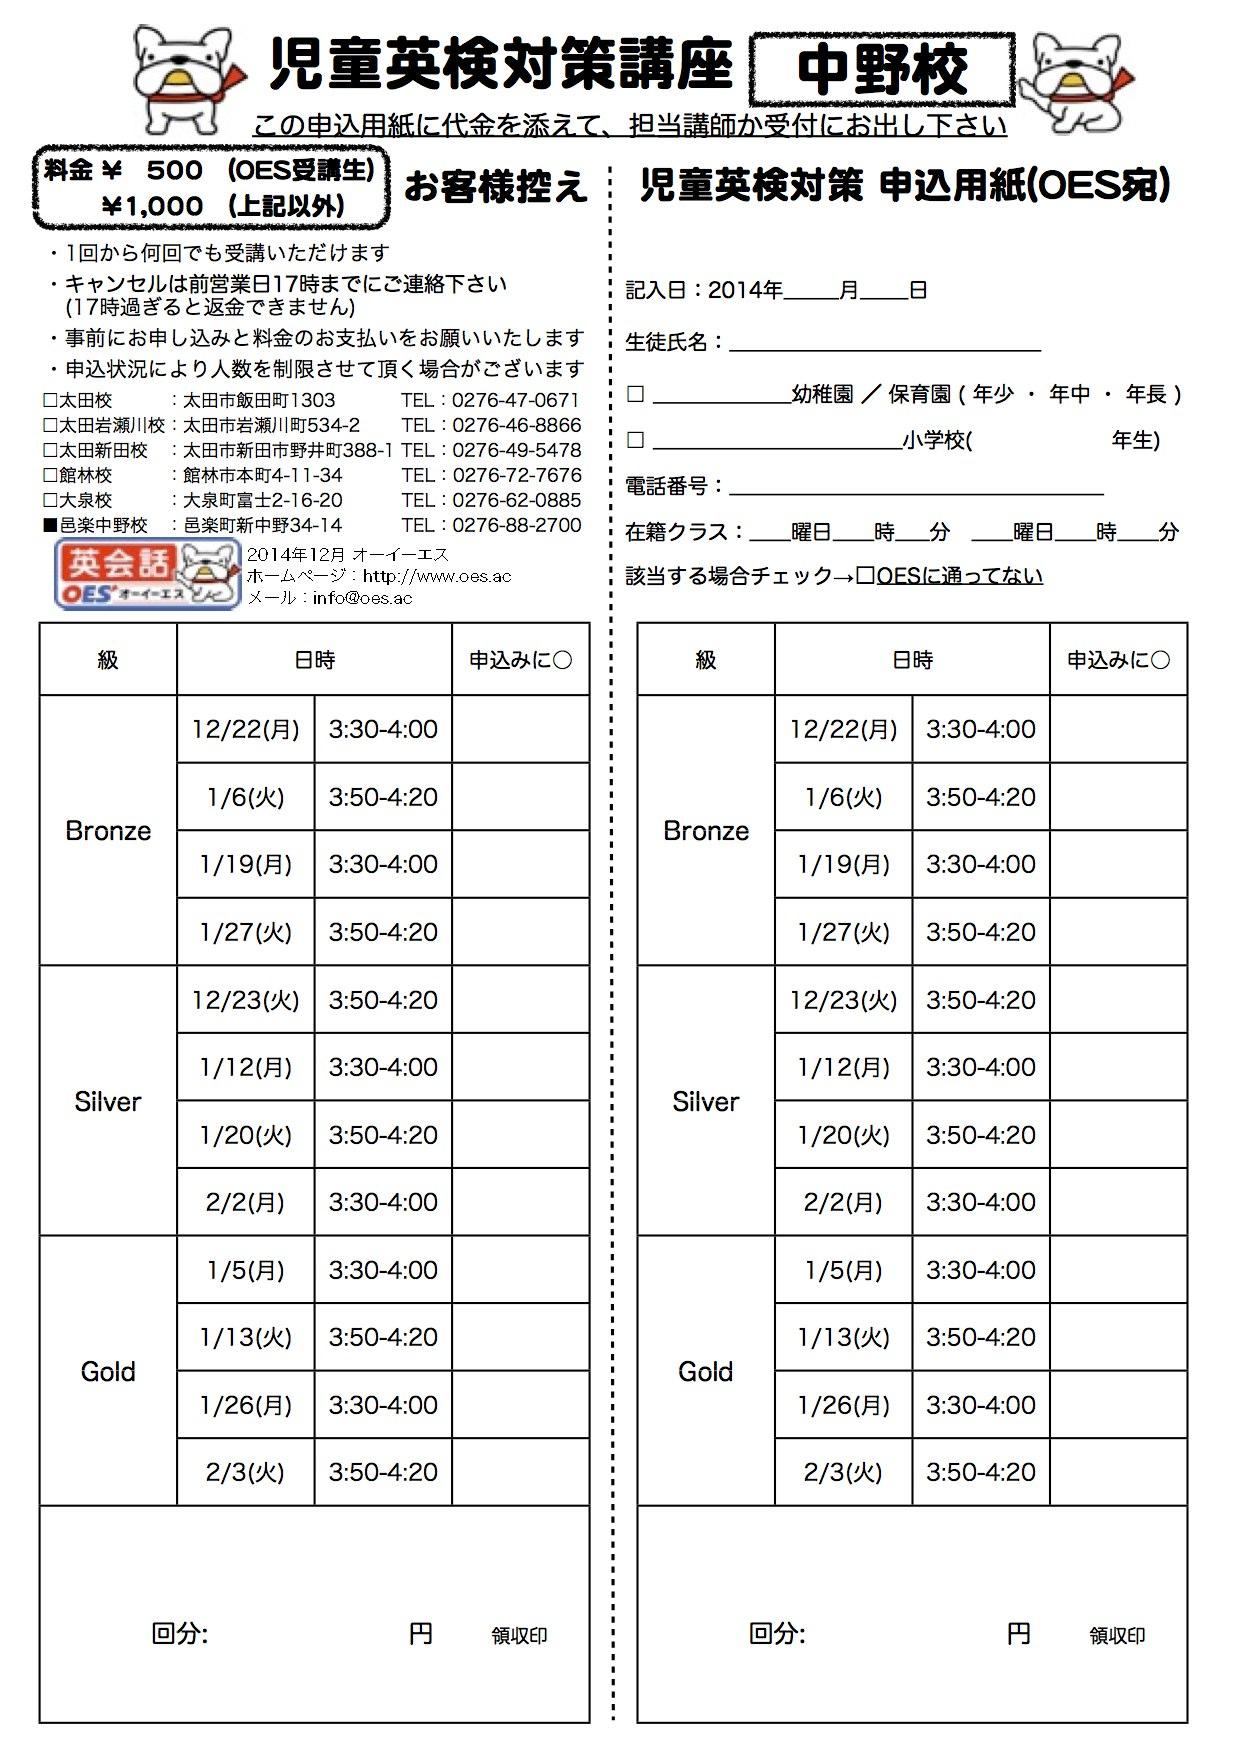 中野校2014-3回 2014年12〜2015年2月(試験前まで) 中野校